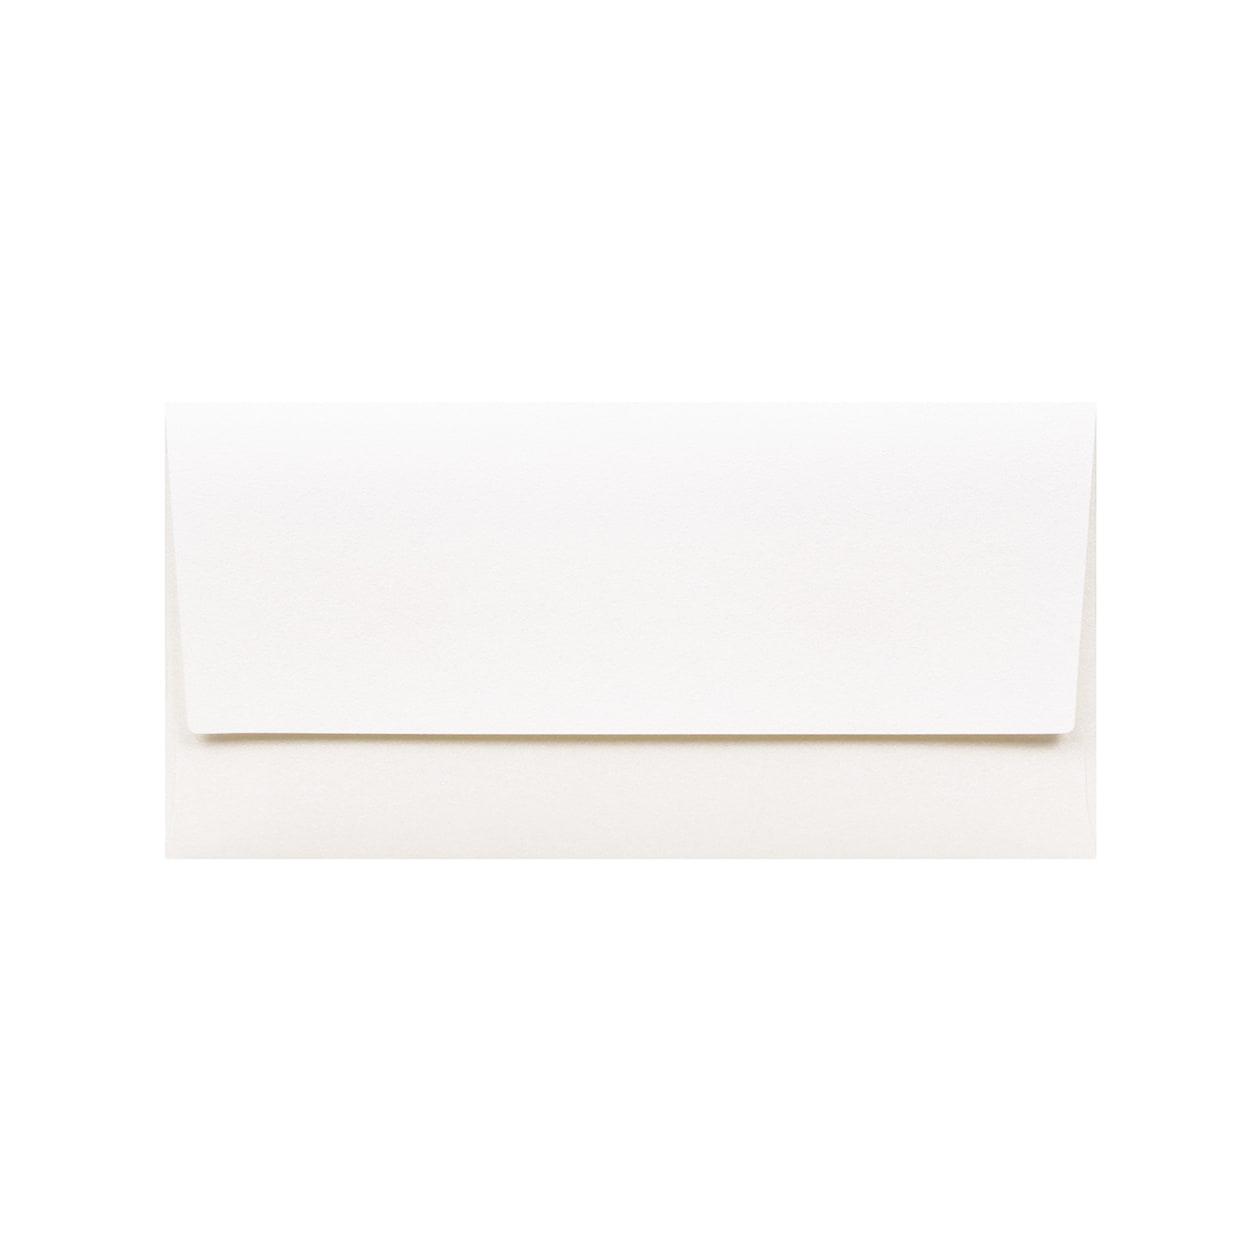 商品券袋 コットンパール スノーホワイト 125.3g